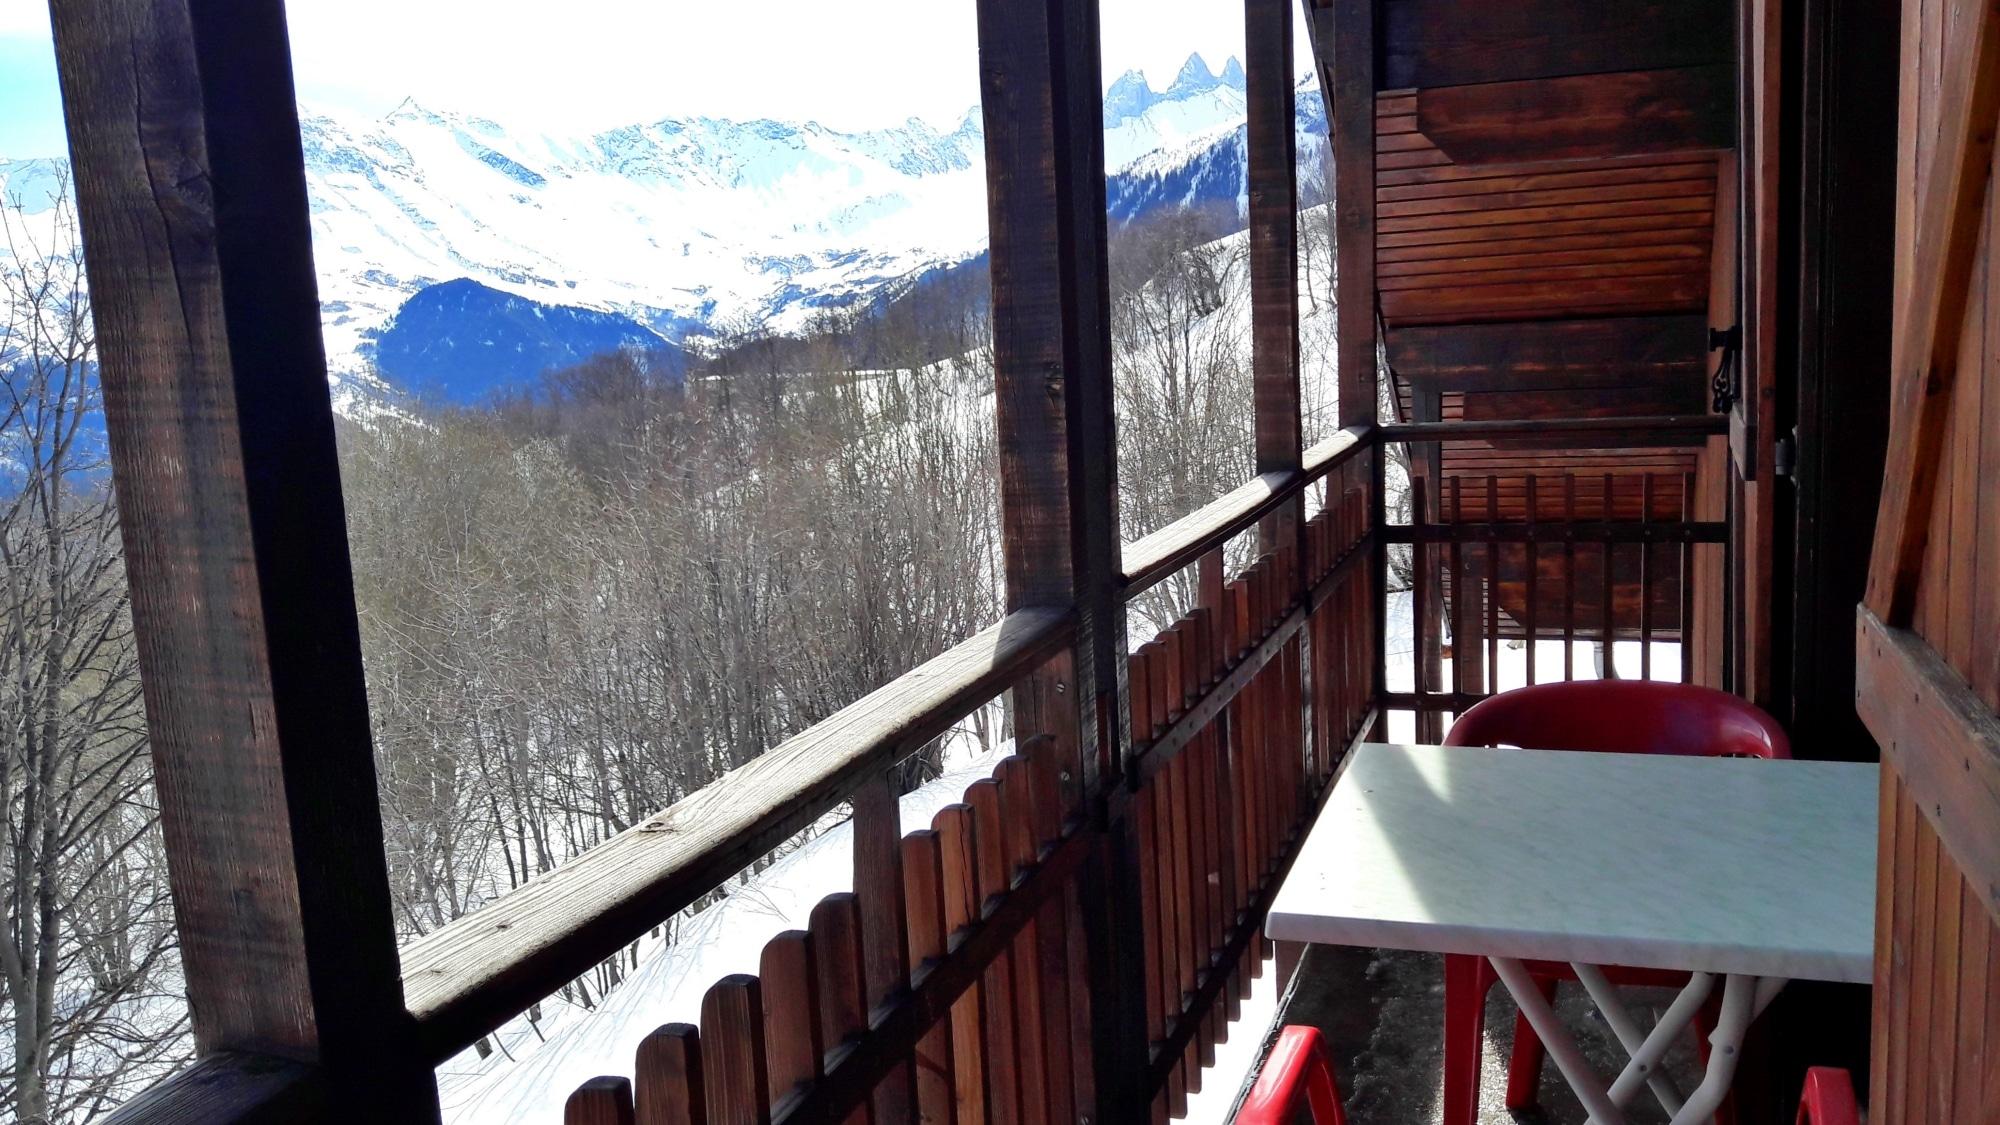 Location Appartement 5 personnes au ski la Toussuire les Sybelles